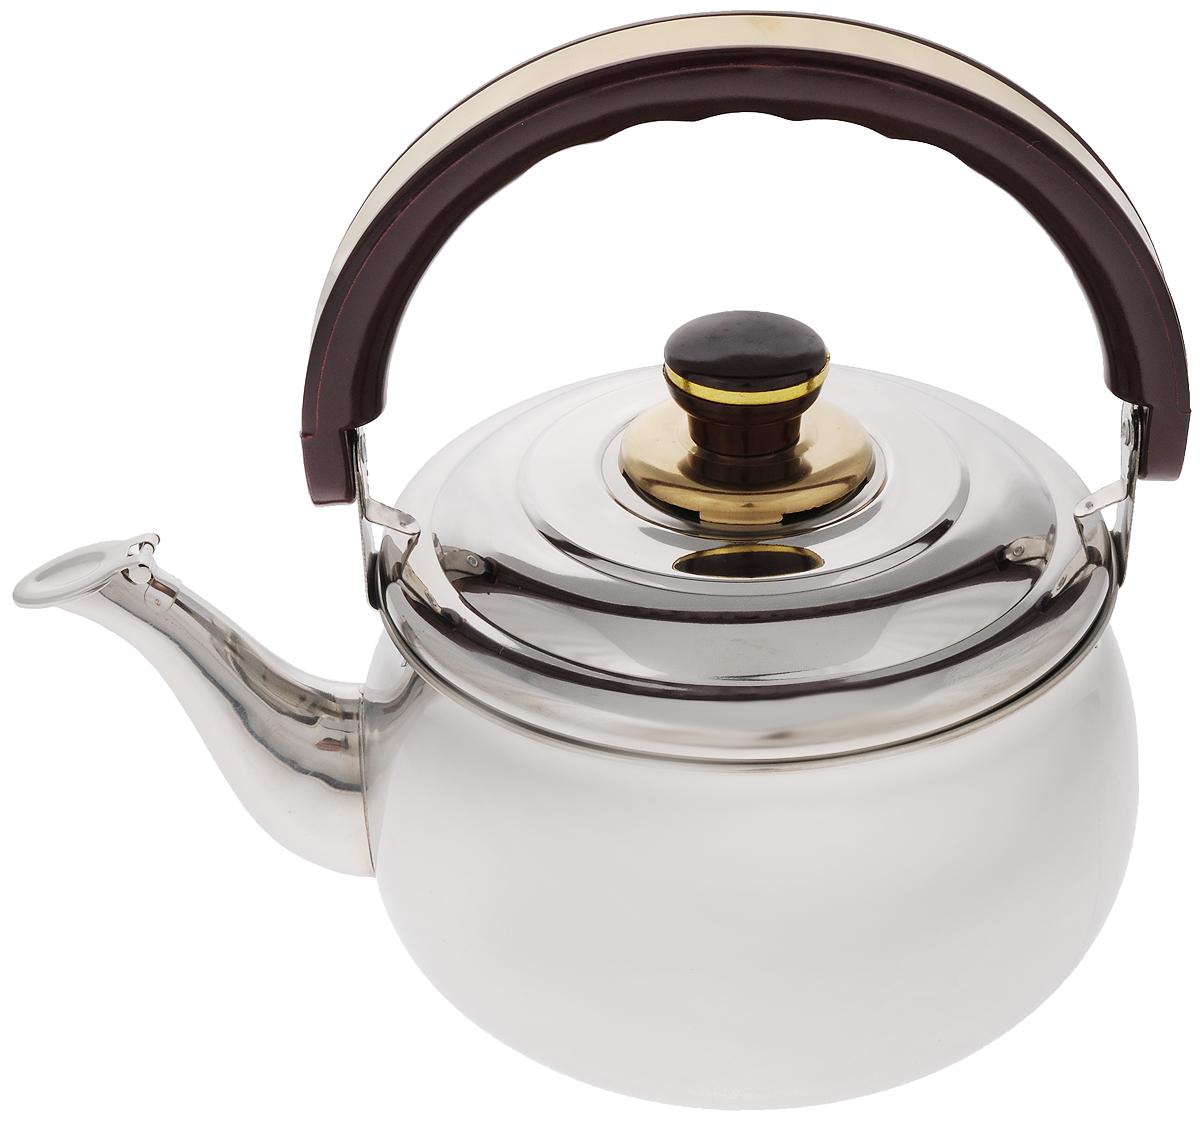 Чайник Mayer & Boch, со свистком, 3 л. 1036115510Чайник Mayer & Boch изготовлен из высококачественной нержавеющей стали с зеркальной полировкой. Крышка чайника оснащена свистком, что позволит контролировать процесс подогрева или кипячения воды. Подвижная бакелитовая ручка имеет эргономичную форму, обеспечивая дополнительное удобство при разлитии напитка. Широкое верхнее отверстие позволит удобно налить воду. Чайник подходит для использования на электрических, газовых, стеклокерамических плитах. Можно мыть в посудомоечной машине.Диаметр чайника по верхнему краю: 18 см.Высота чайника (без учета ручки и крышки): 11 см.